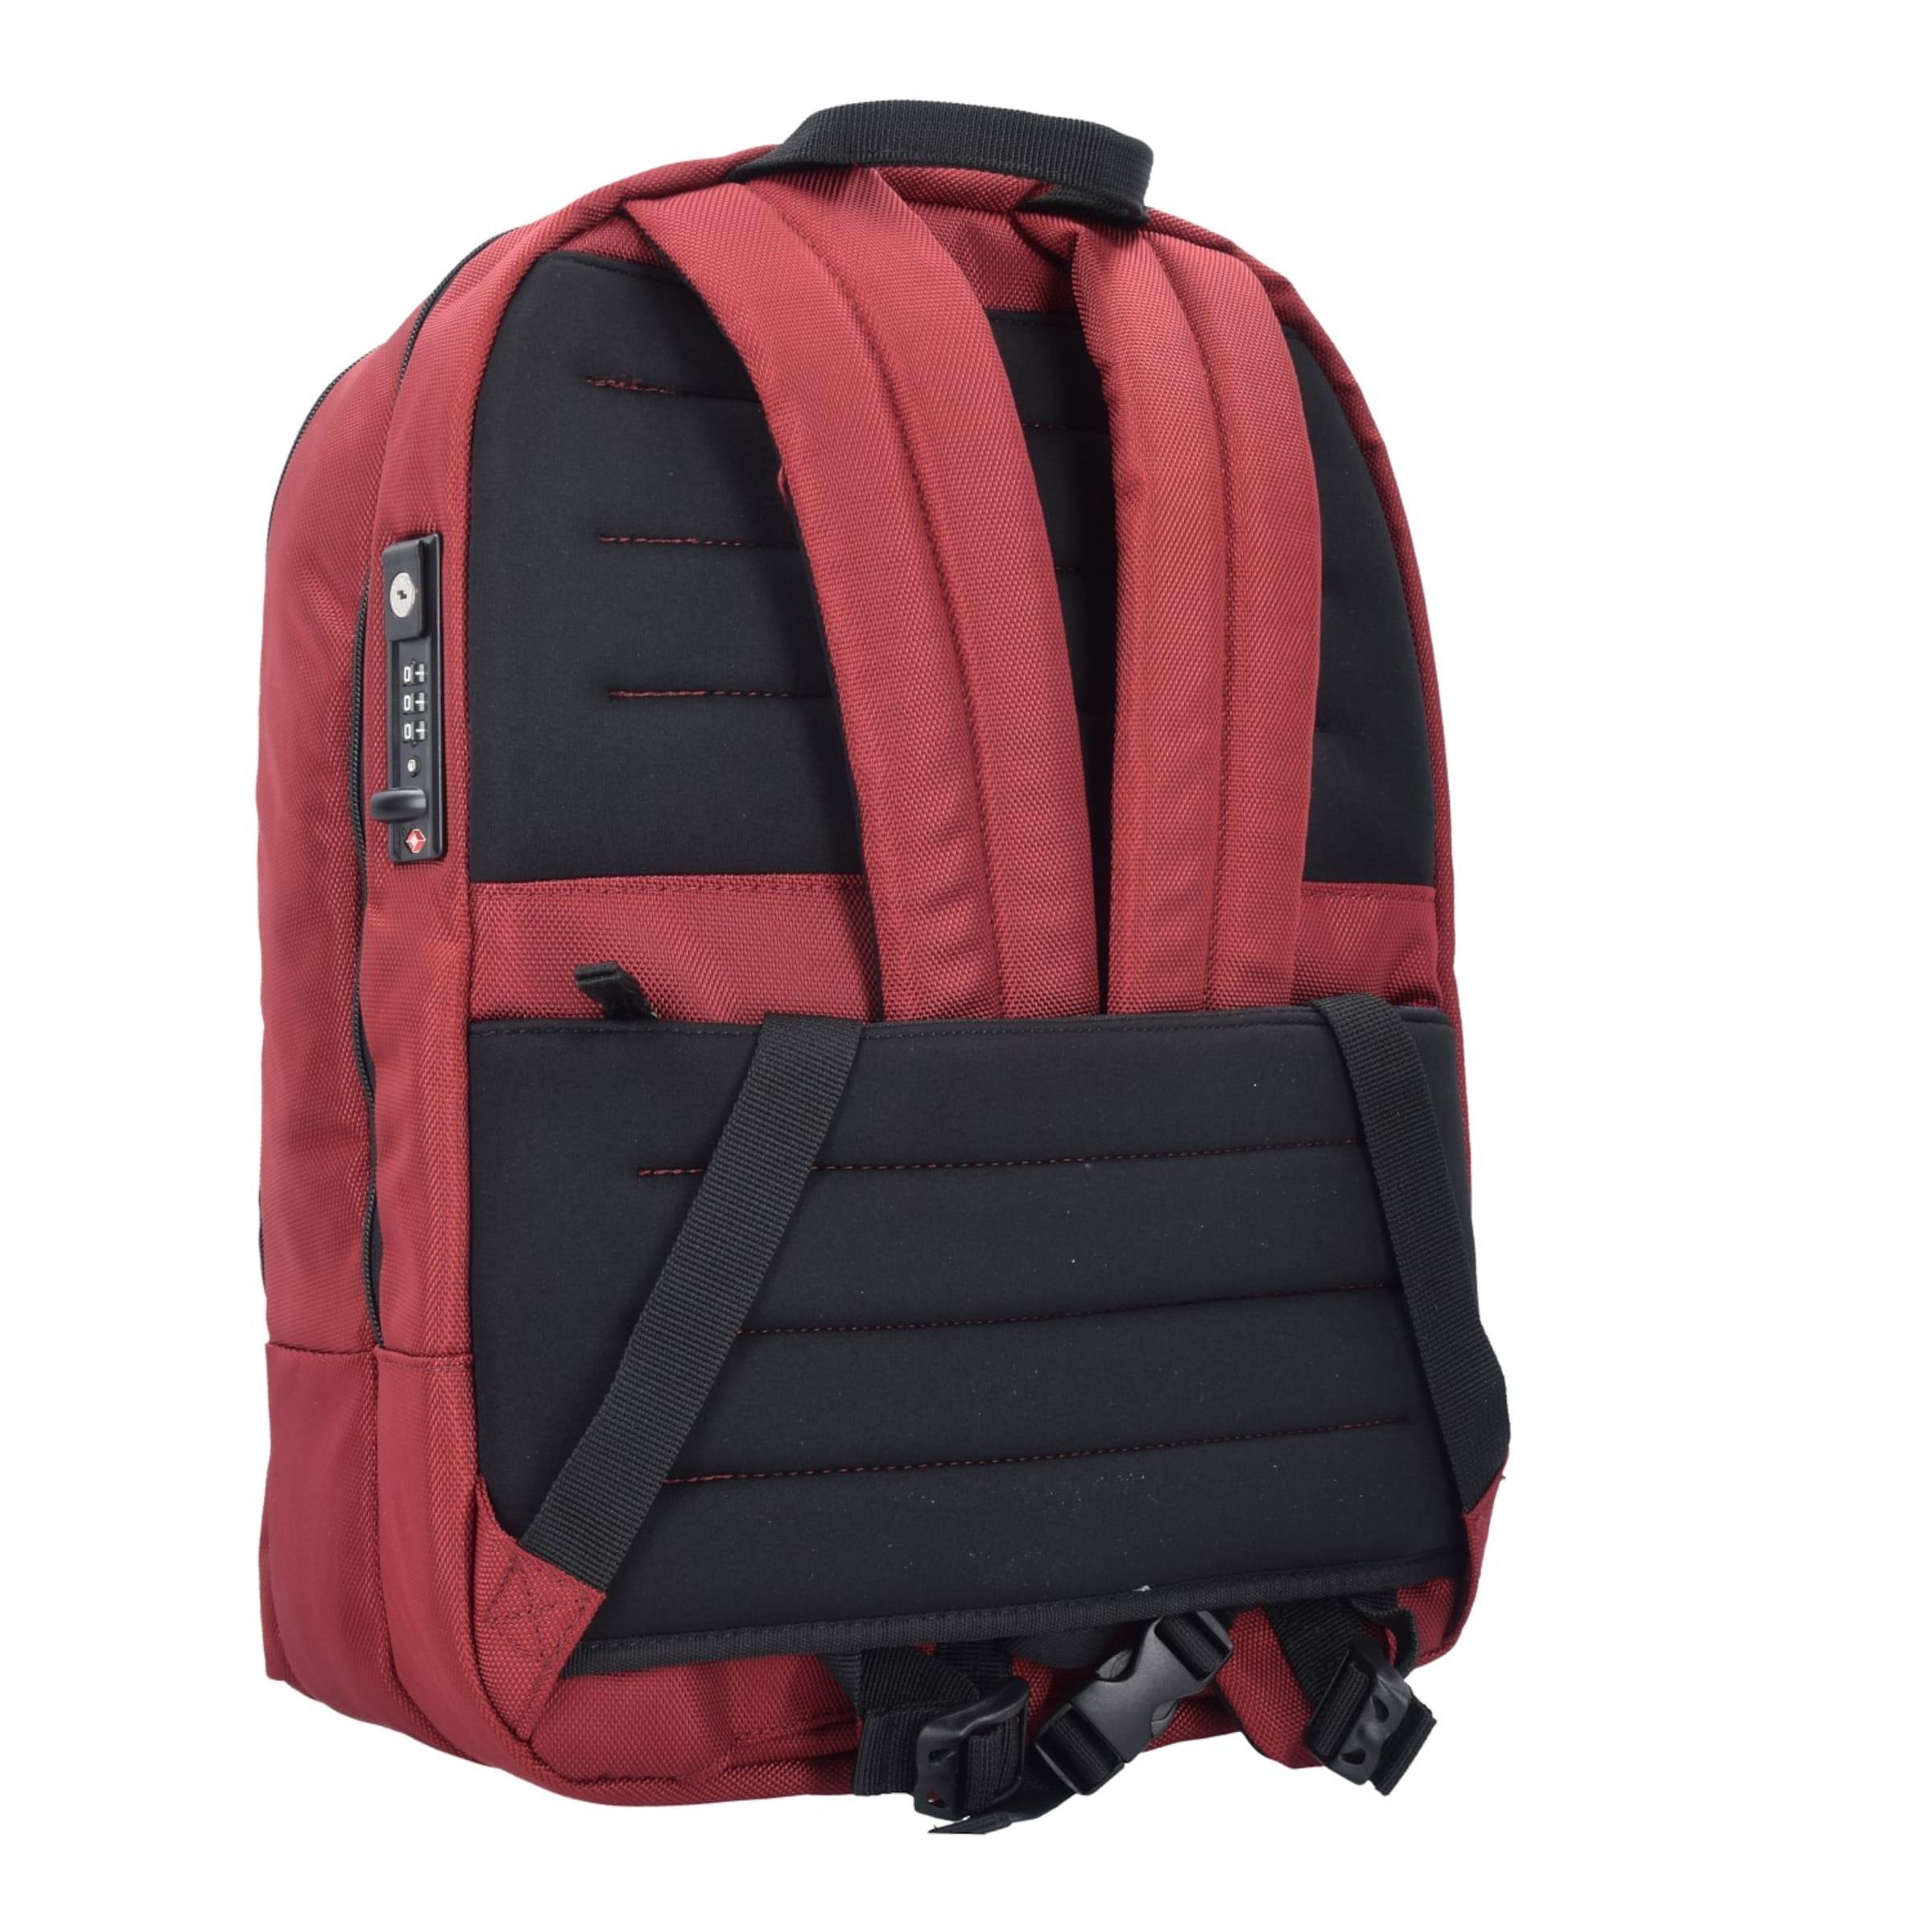 SAMSONITE Infinipak Sicherheits Rucksack 44 cm Laptopfach Exklusive Verkauf Online Freies Verschiffen Zahlen Mit Paypal Billig Verkauf Auslass Veröffentlichungstermine Genießen Sie Online jY1pV